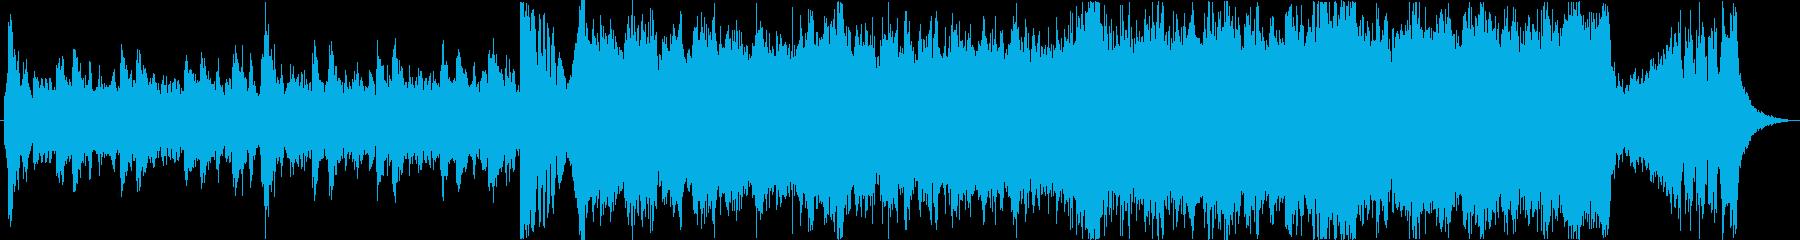 壮大なハリウッド風エピックトレーラーbの再生済みの波形